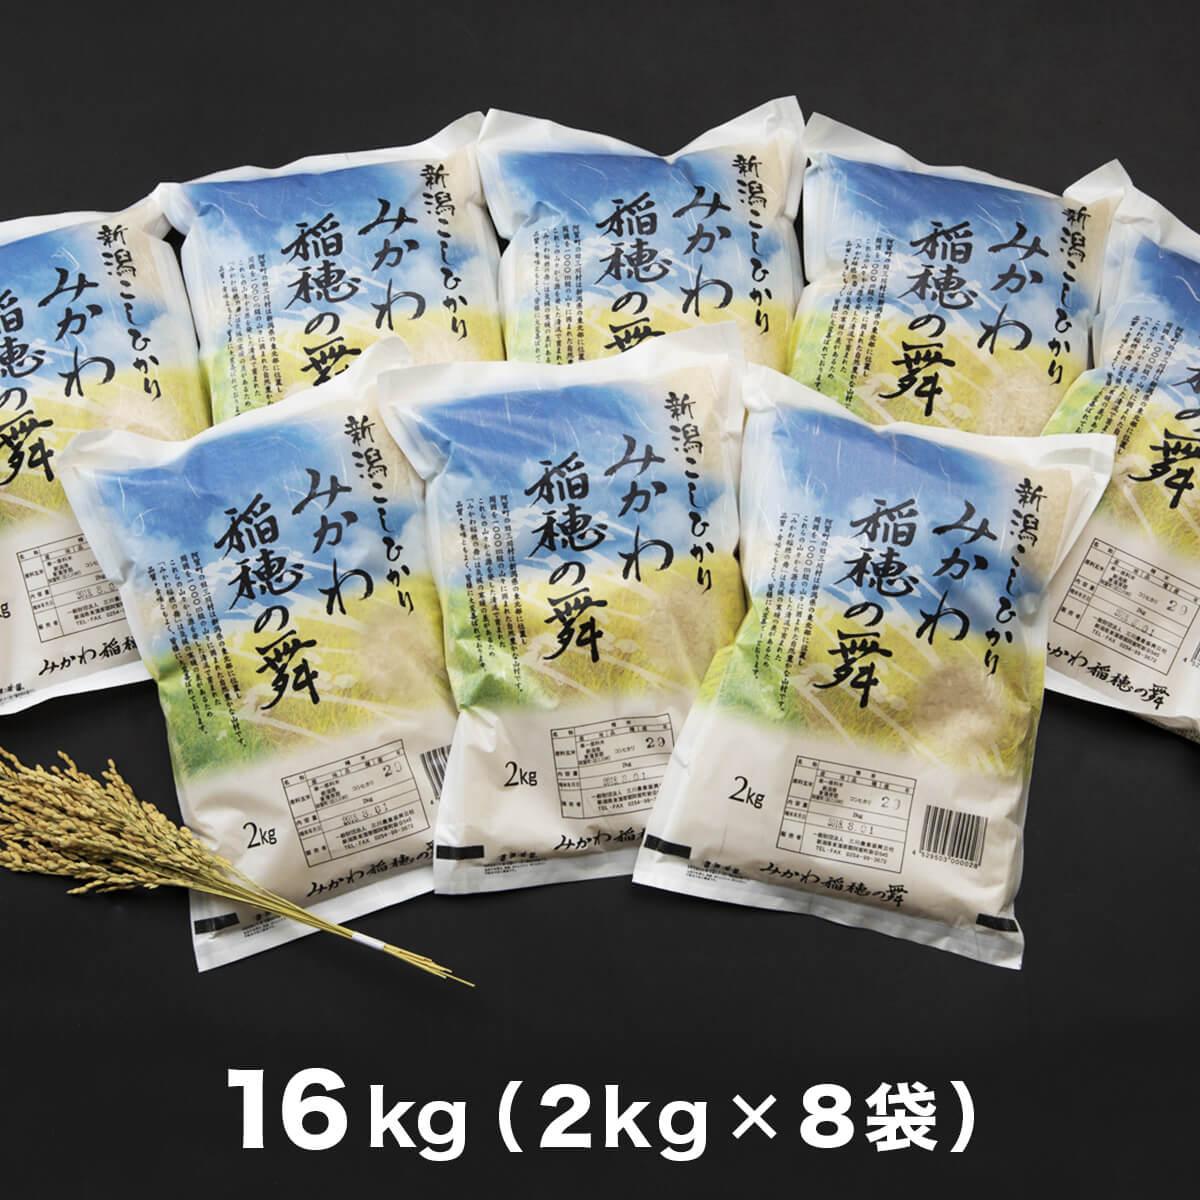 【ふるさと納税】<先行受付>令和2年産 新潟県阿賀町産 コシヒカリ 「みかわ稲穂の舞」16kg(2kg×8袋)